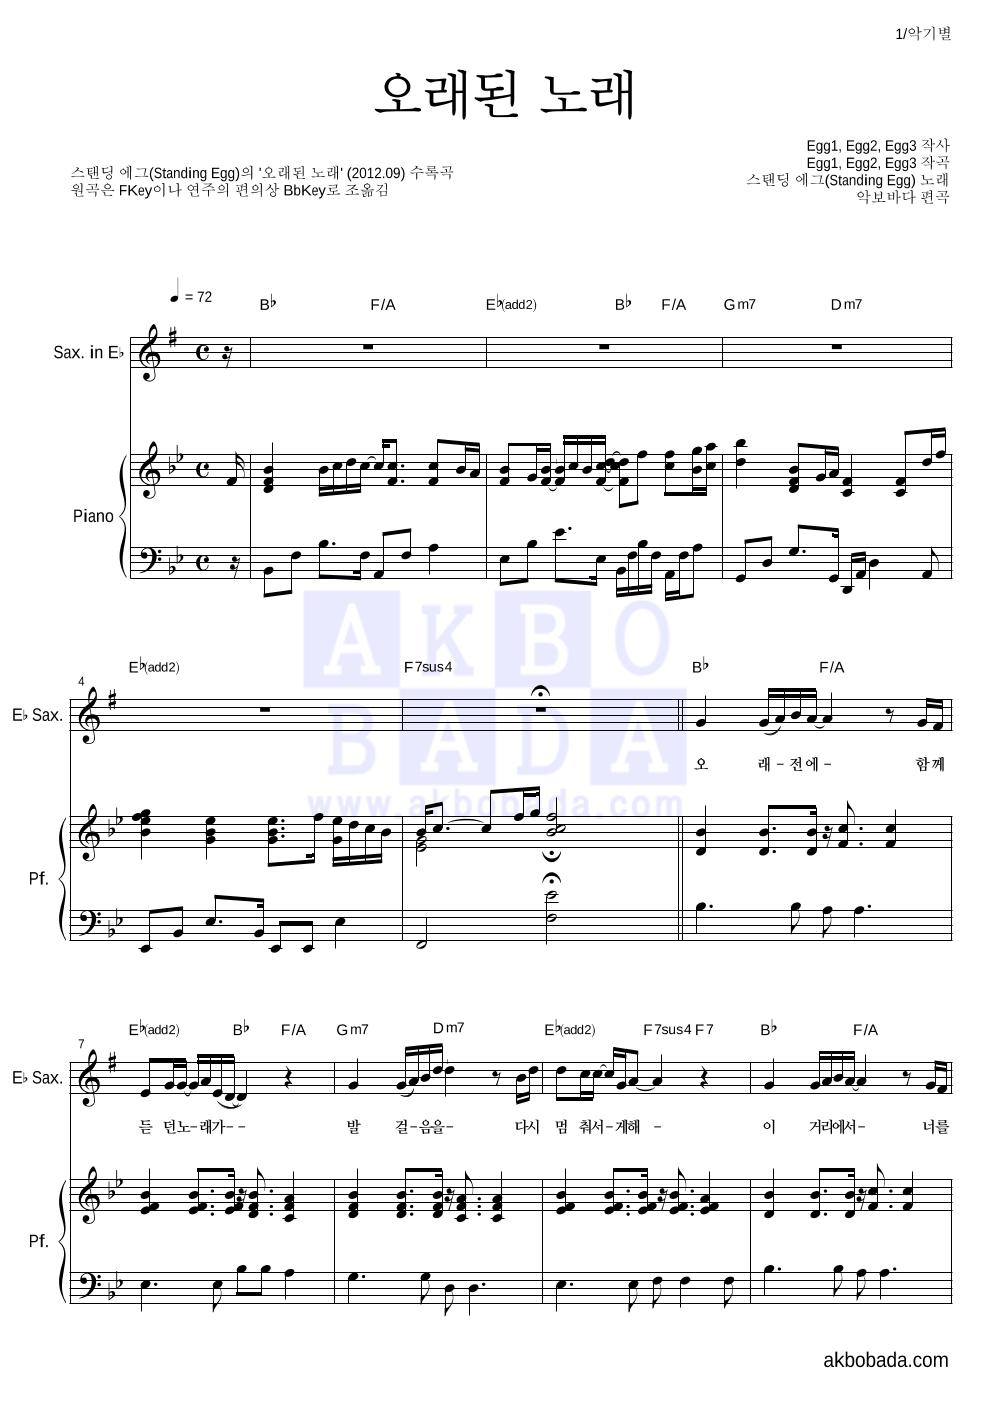 스탠딩 에그 - 오래된 노래 Eb색소폰&피아노 악보